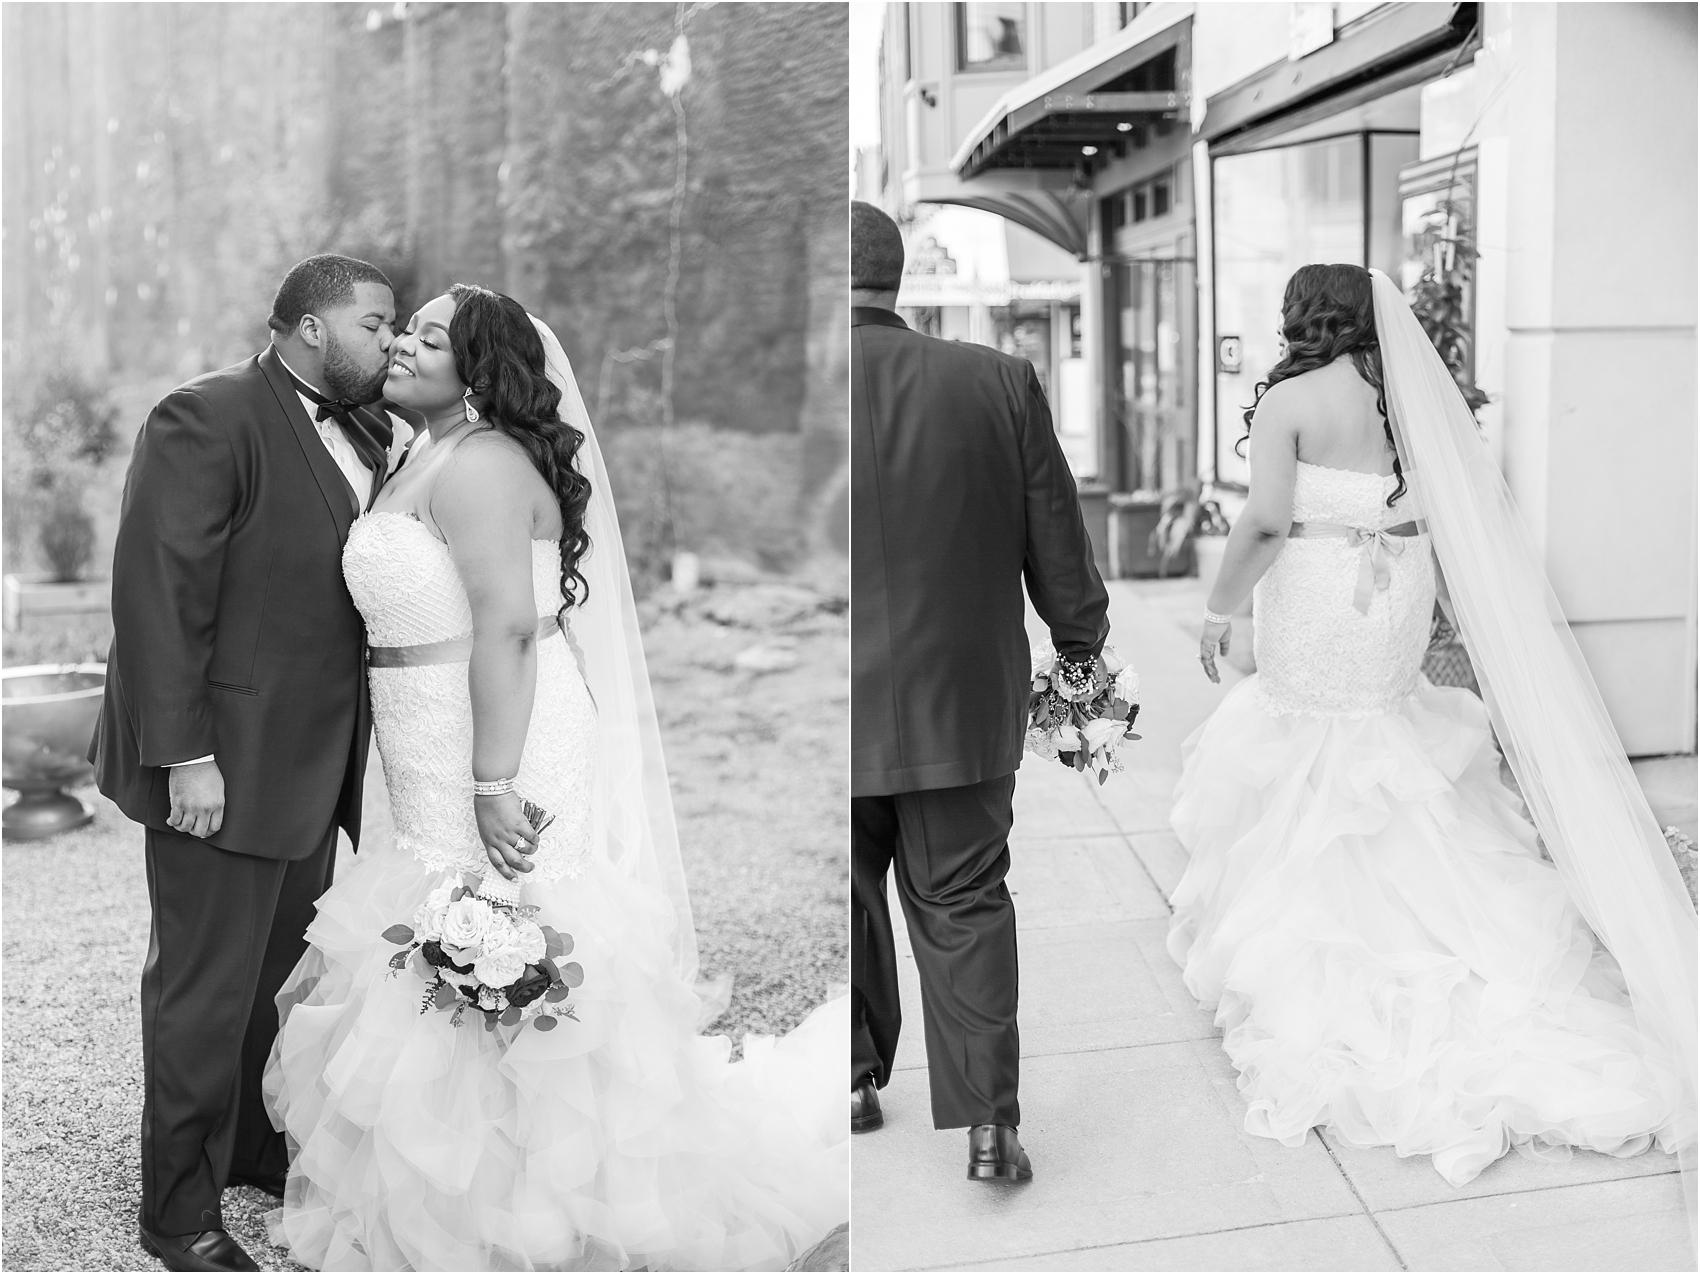 minimalist-and-modern-wedding-photos-at-30-north-saginaw-in-pontiac-michigan-by-courtney-carolyn-photography_0066.jpg